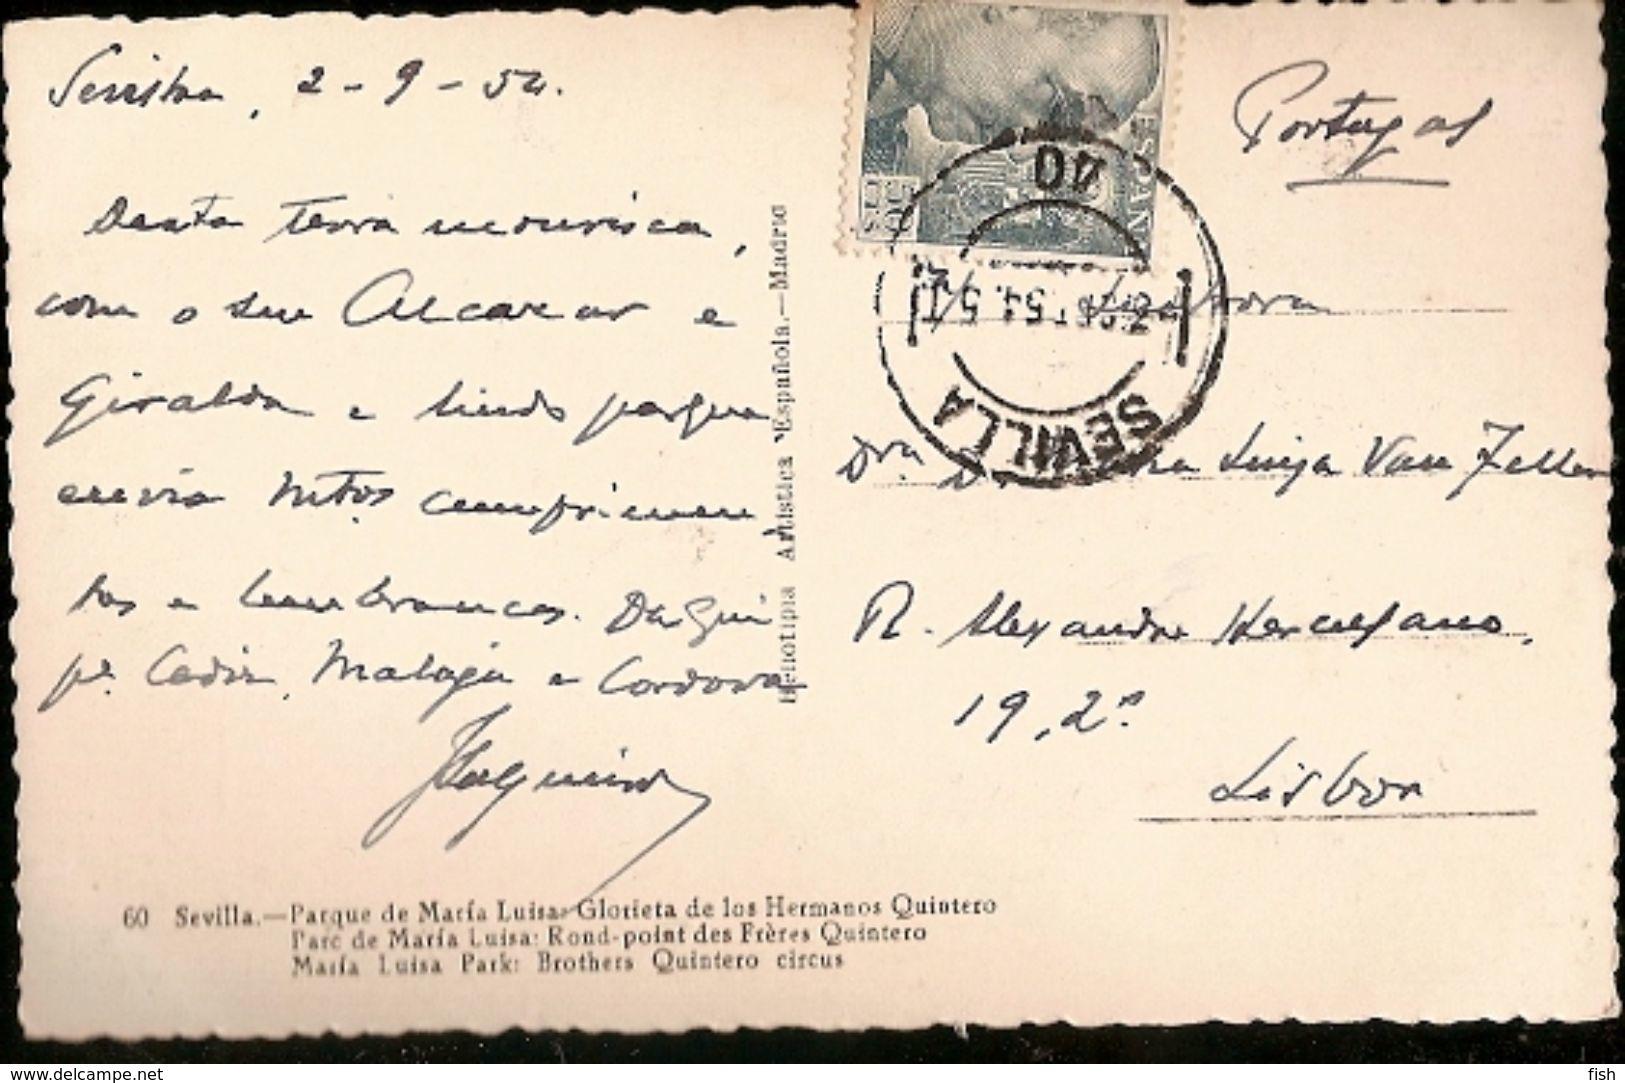 Spain & Circulated Postal, Parque De Maria Luisa Glorieta De Los Hermansos Quinteros, Sevilla To Lisboa 1952 (37) - Monuments